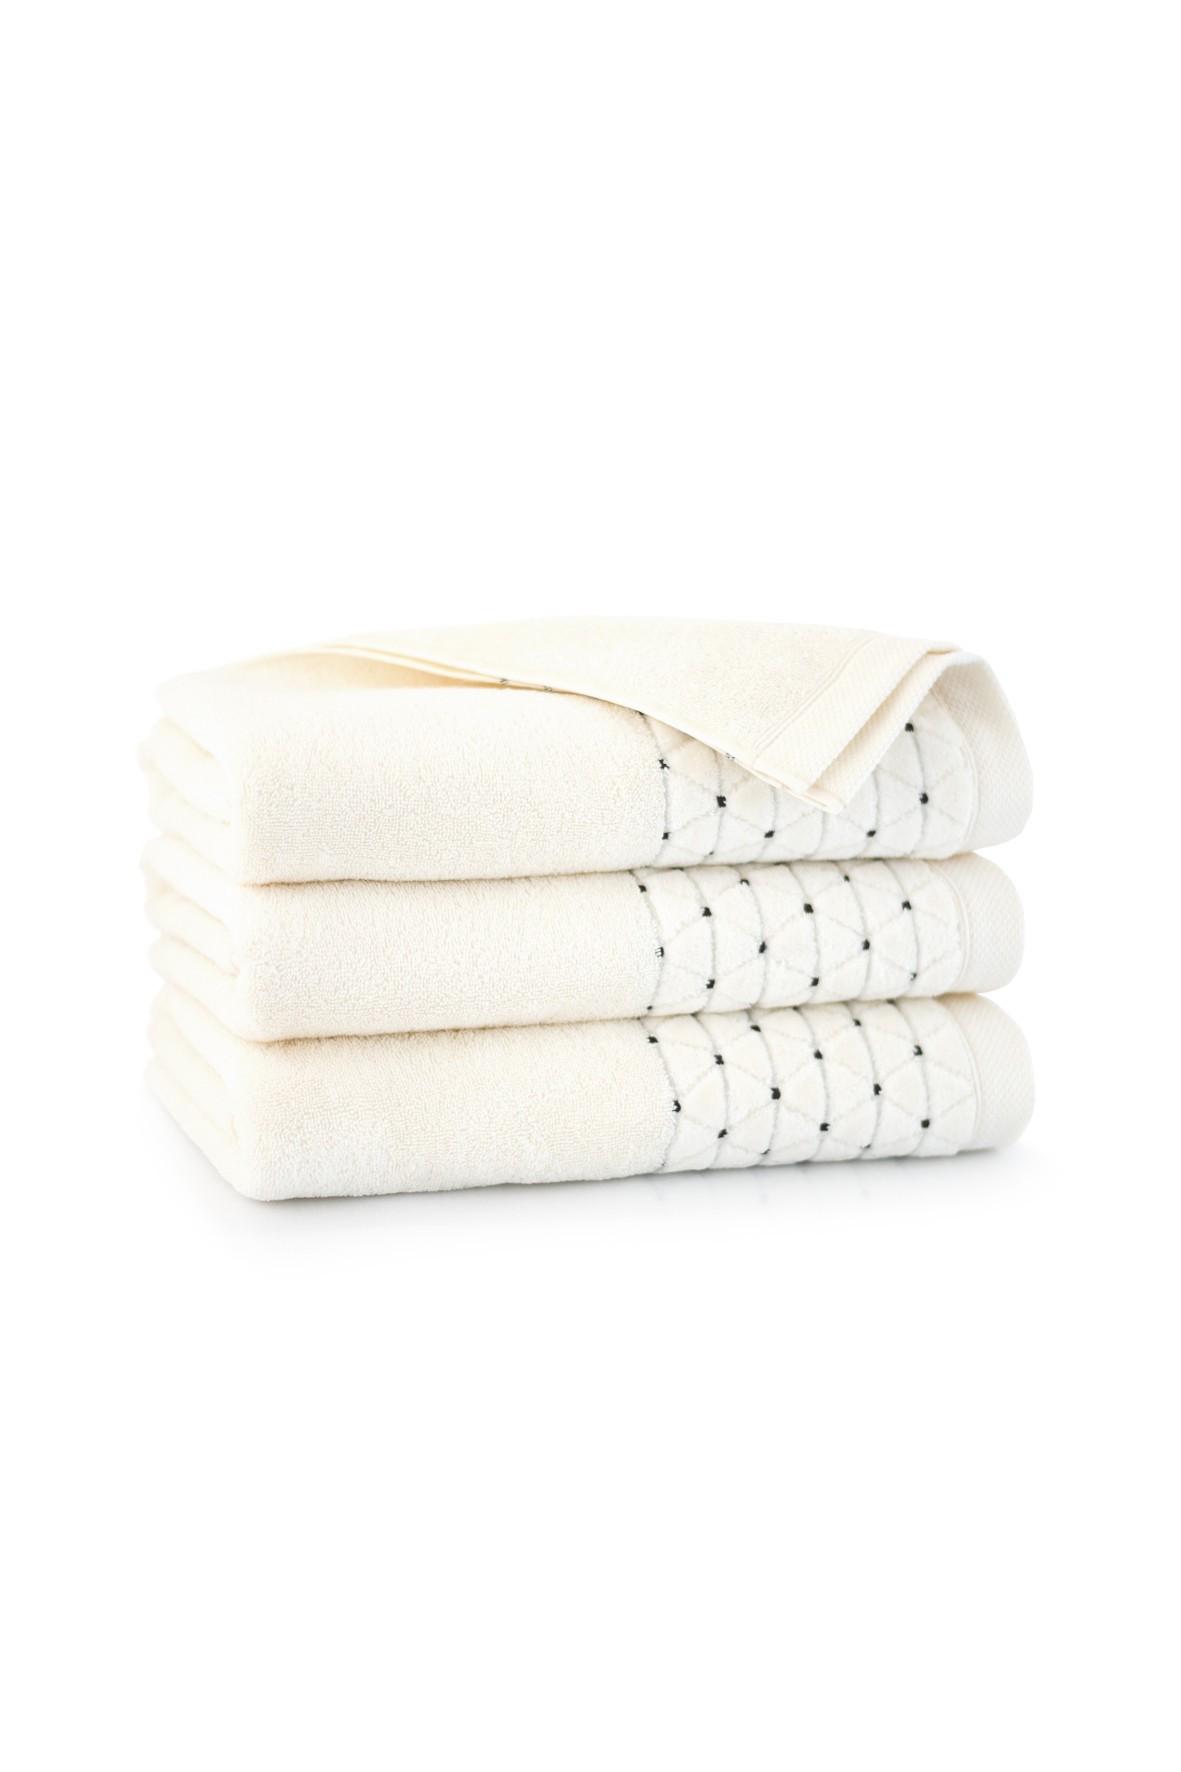 Ręcznik antybakteryjny Oscar z bawełny egipskiej krem- 70x140 cm